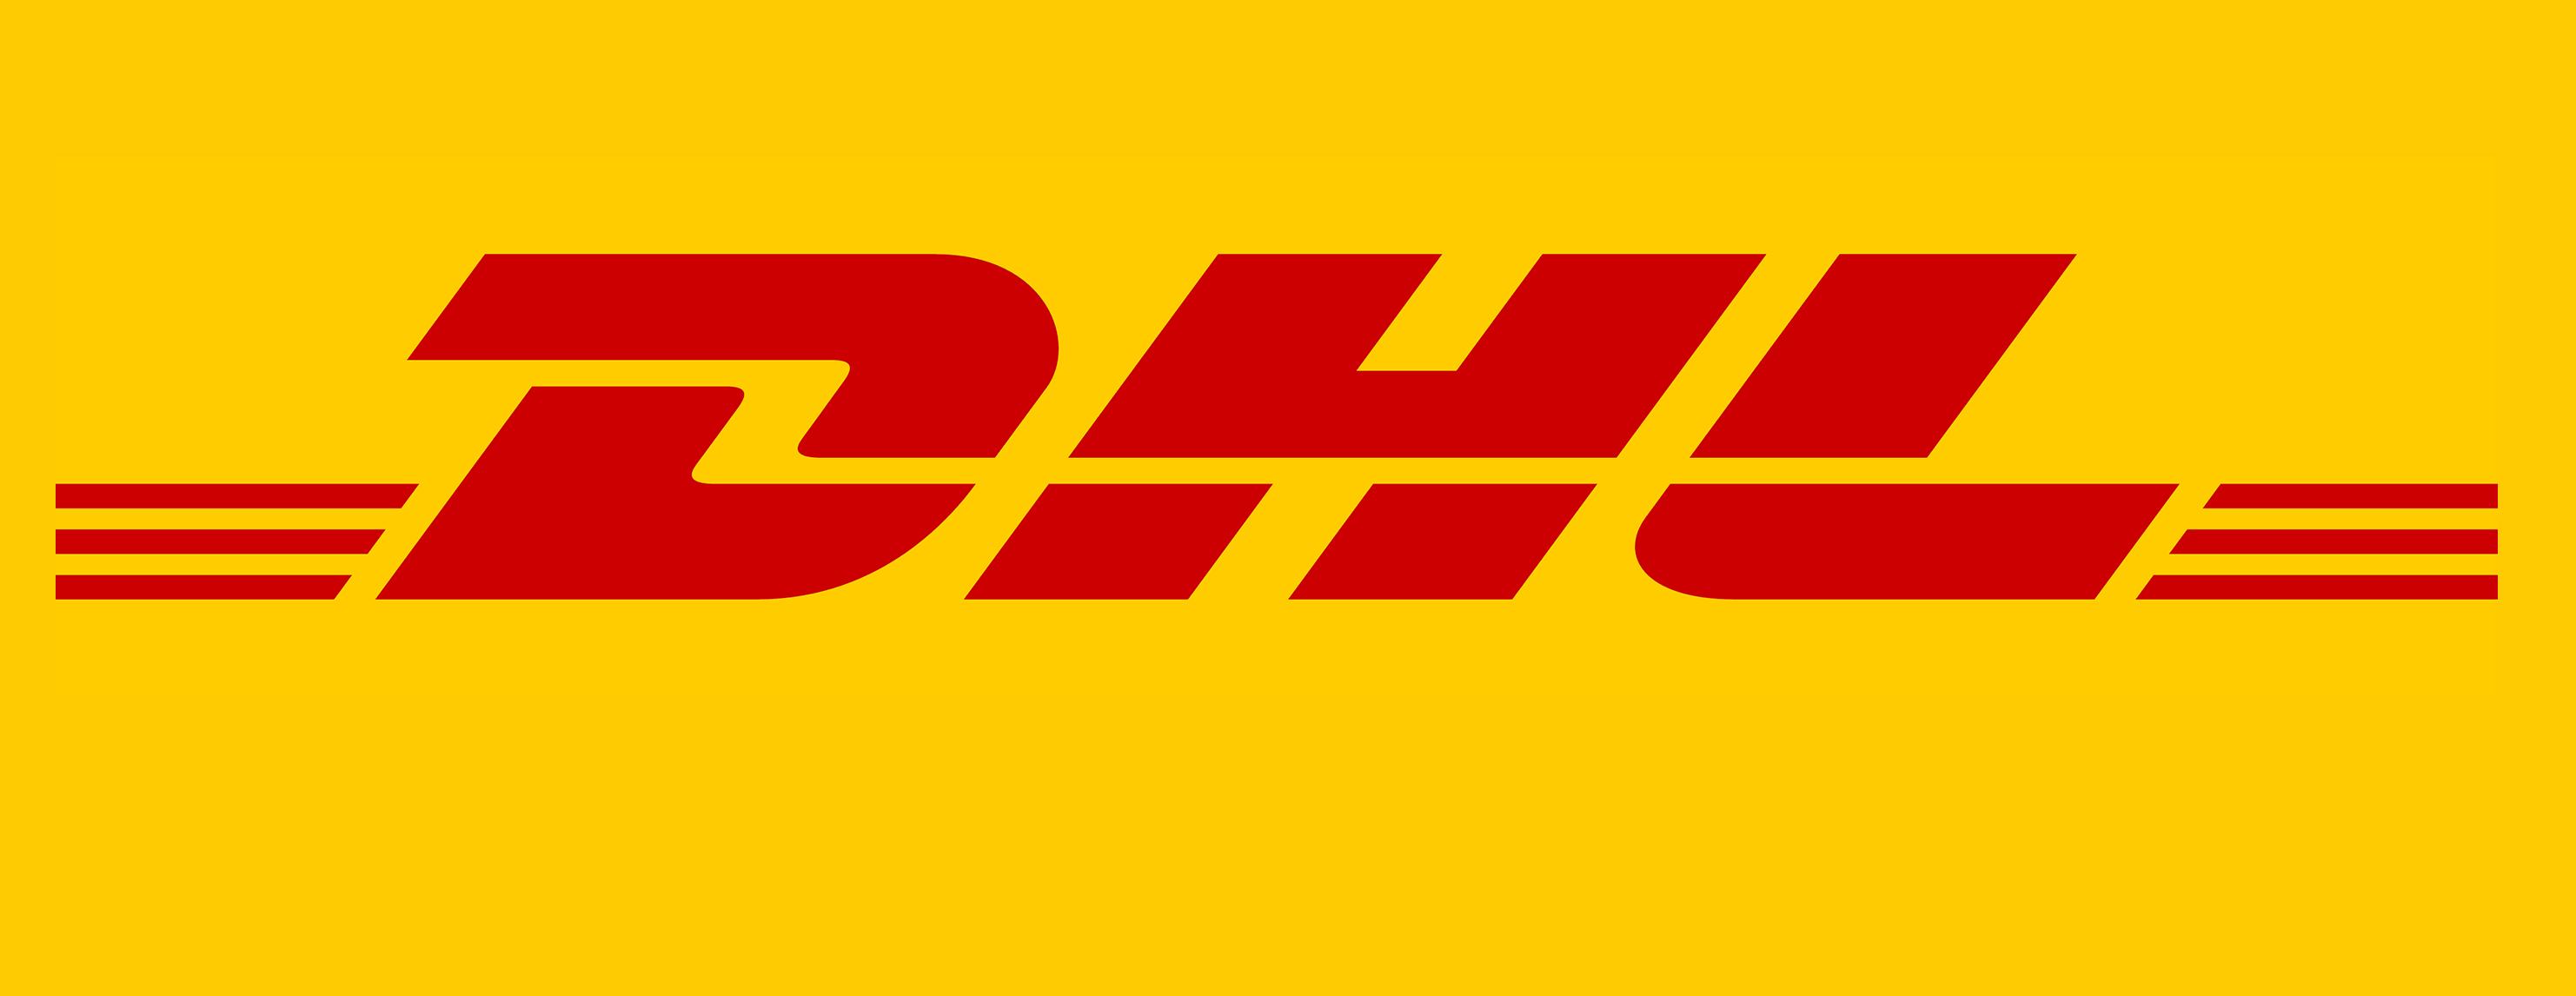 Exkurze v DHL v Chebu